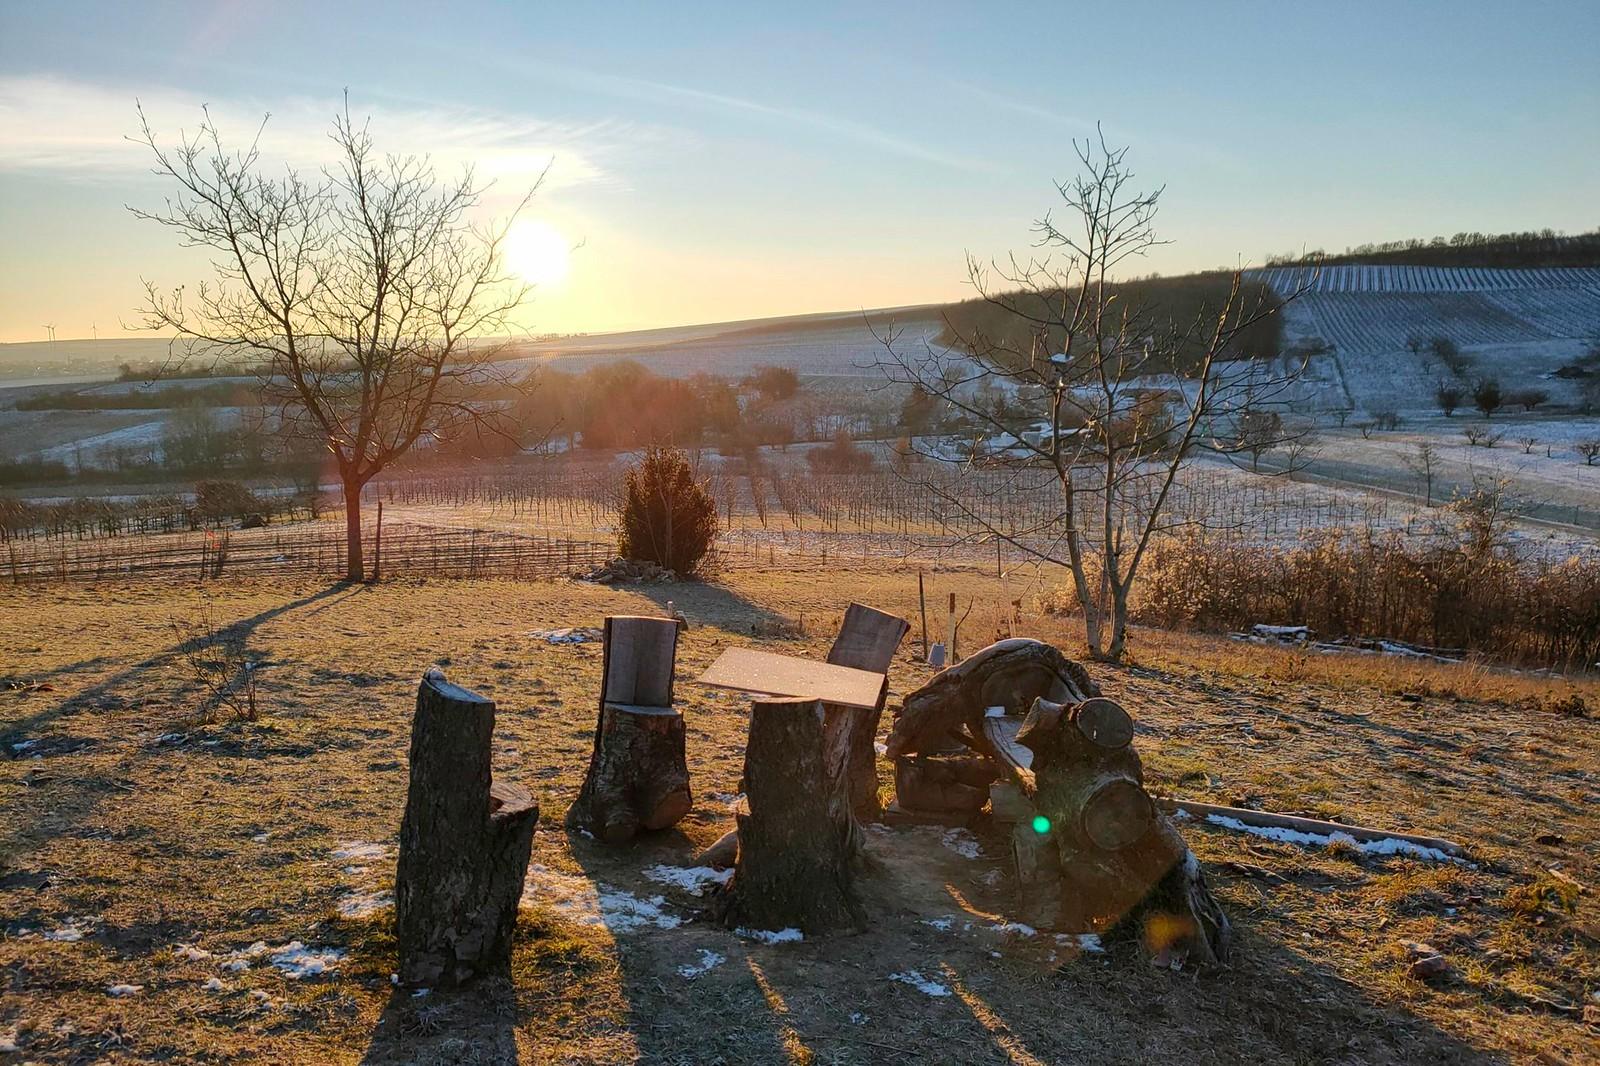 SunriseRun Hiwweltour Zornheimer Berg mit 8 und Schmackes